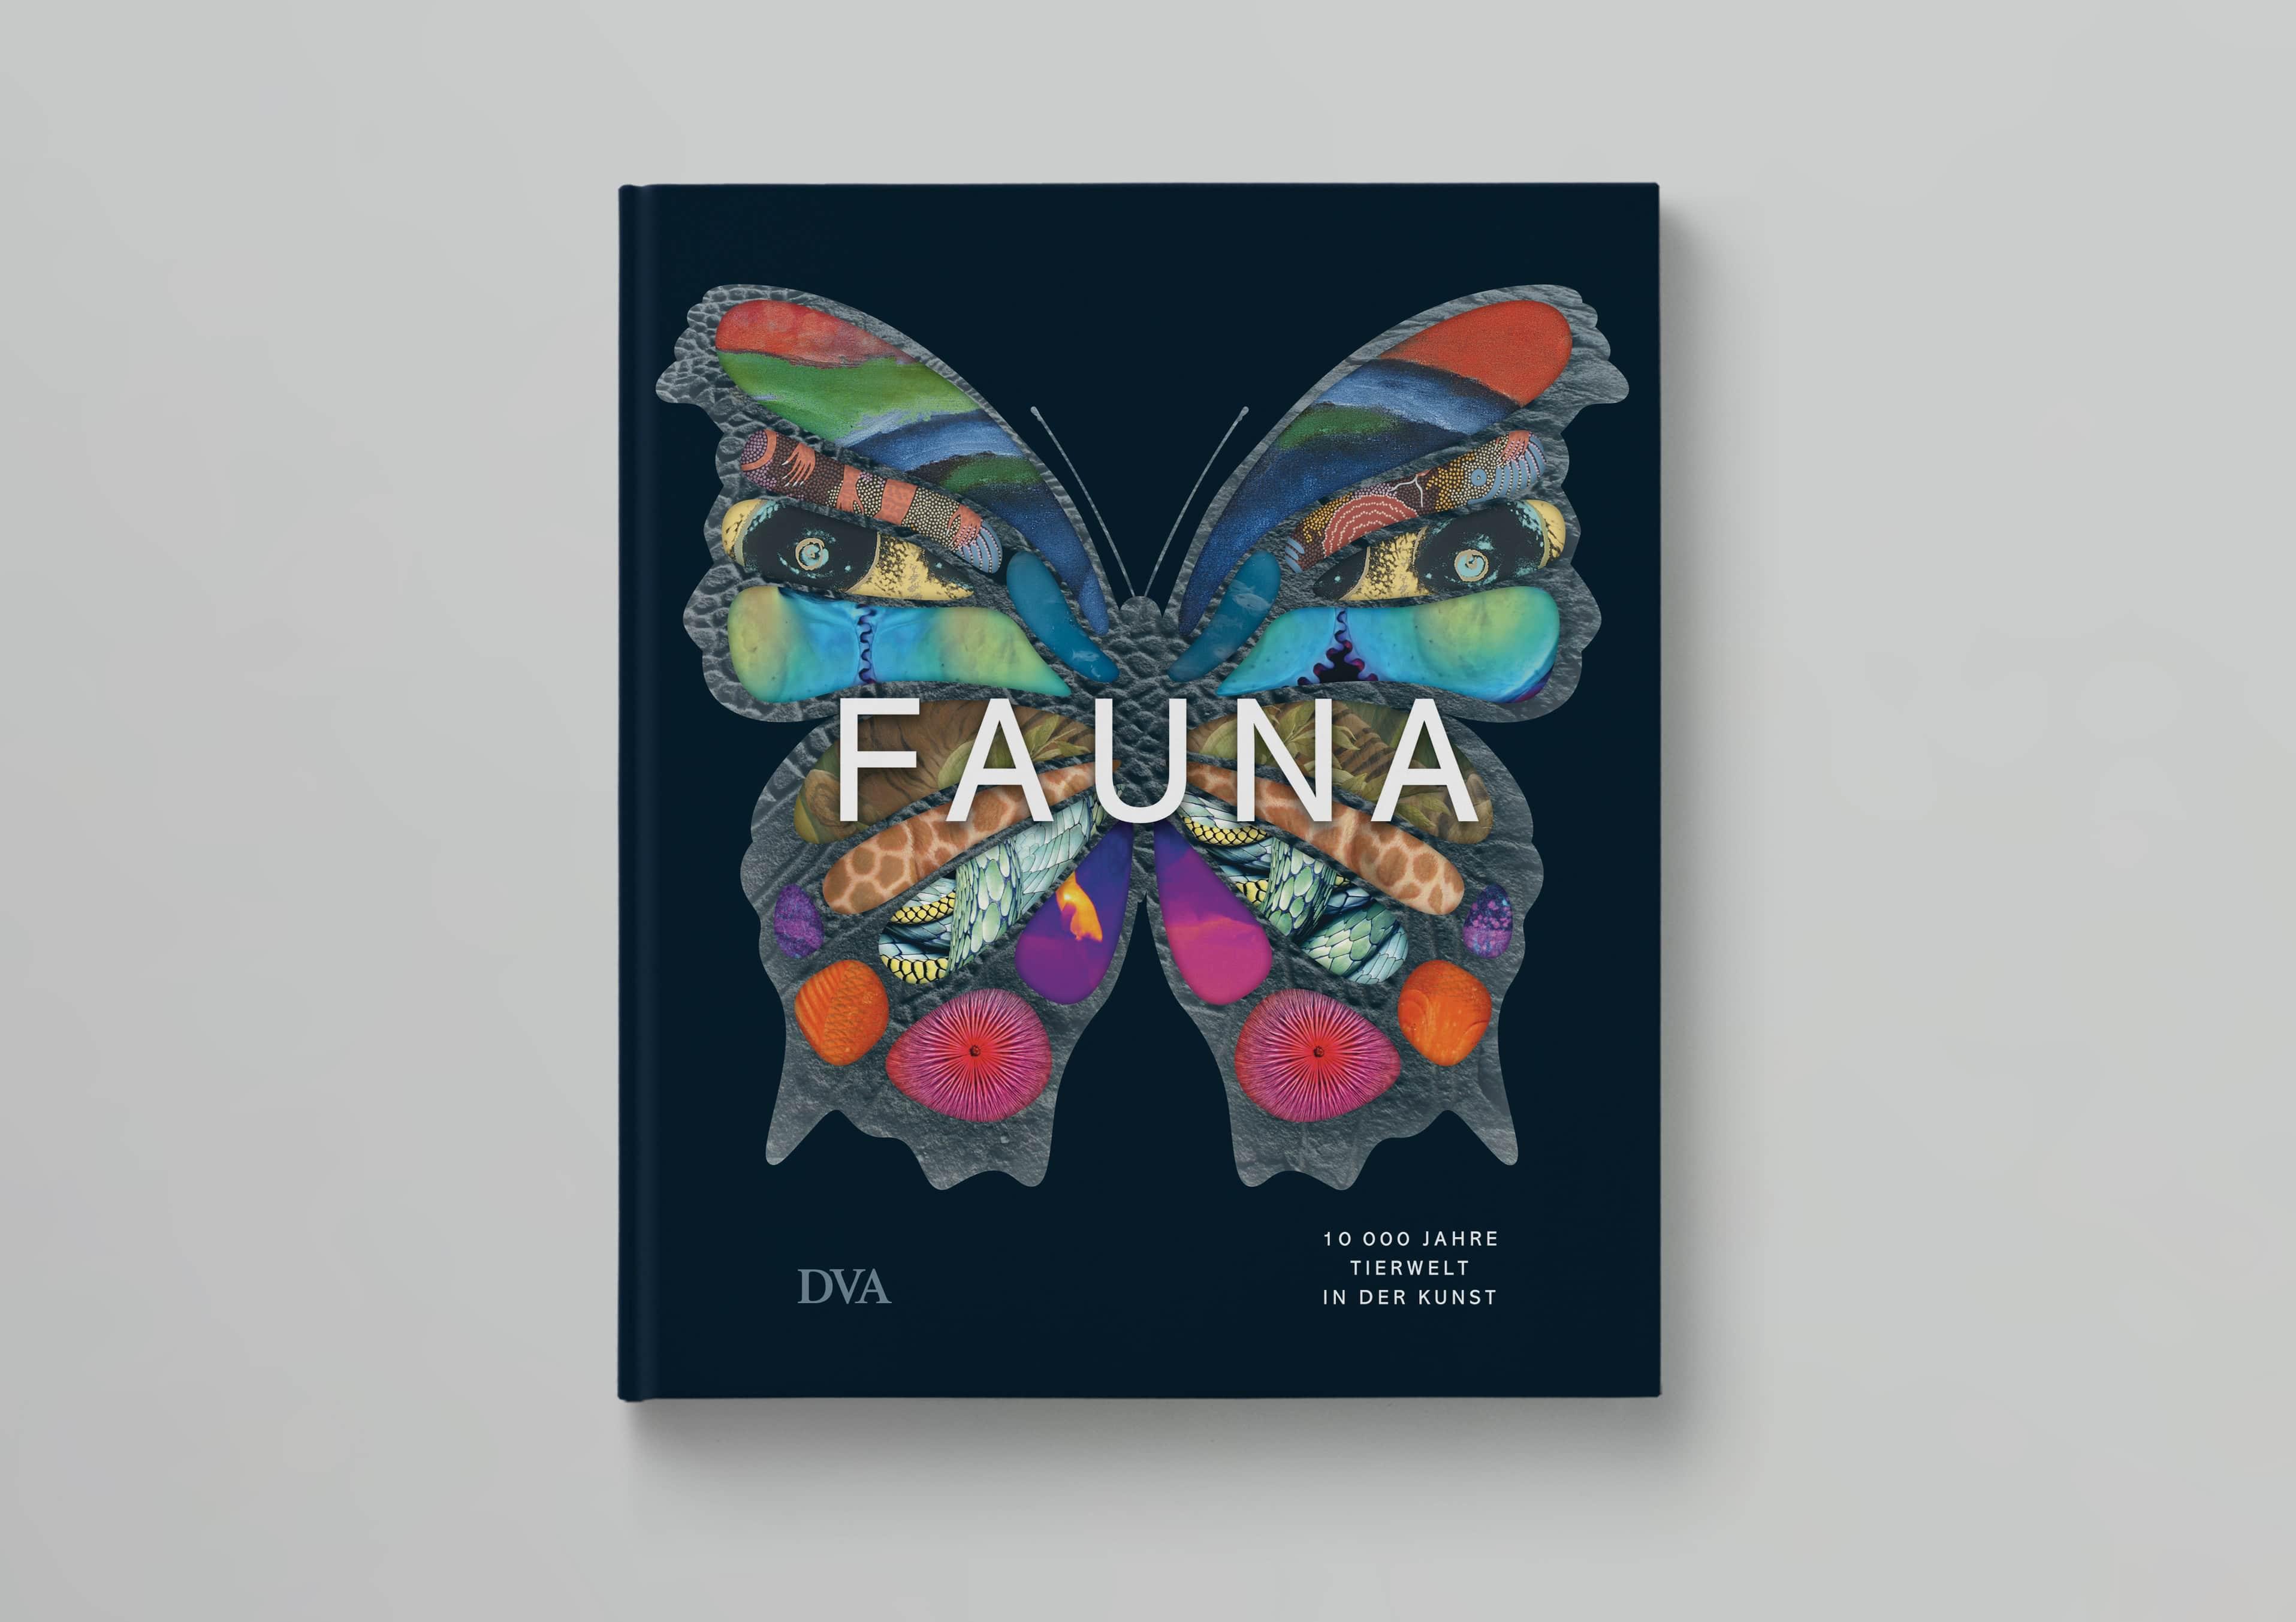 DVA-Fauna-CVR